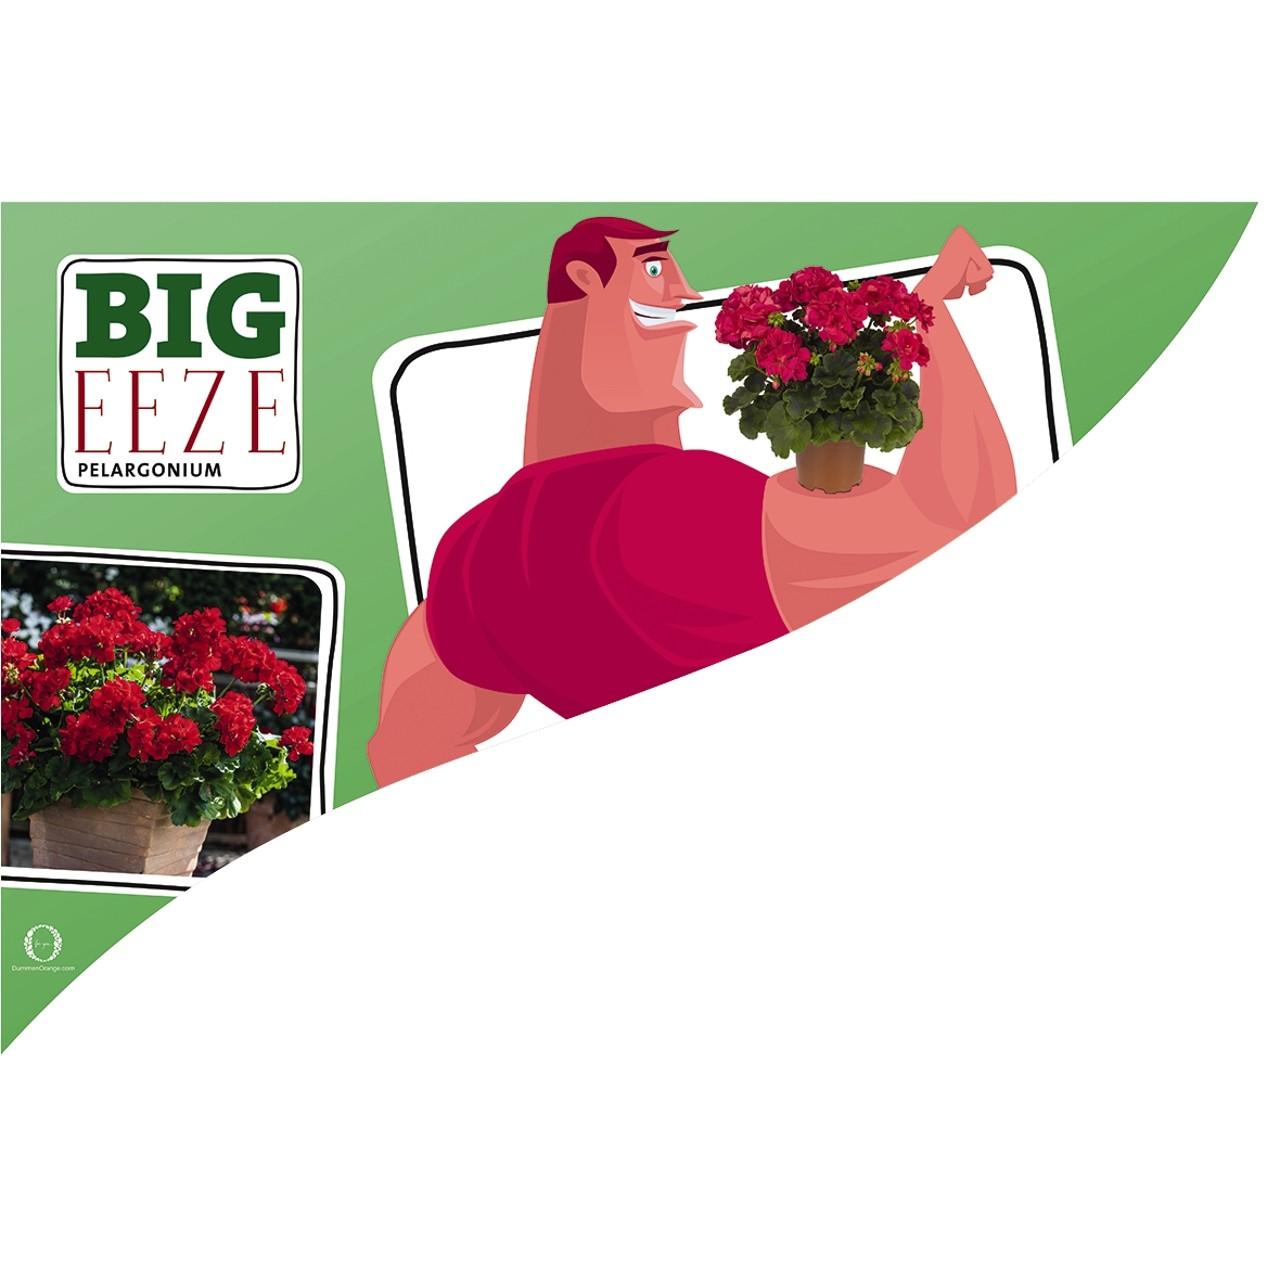 CC-Banner Big Eeze 50x35 cm